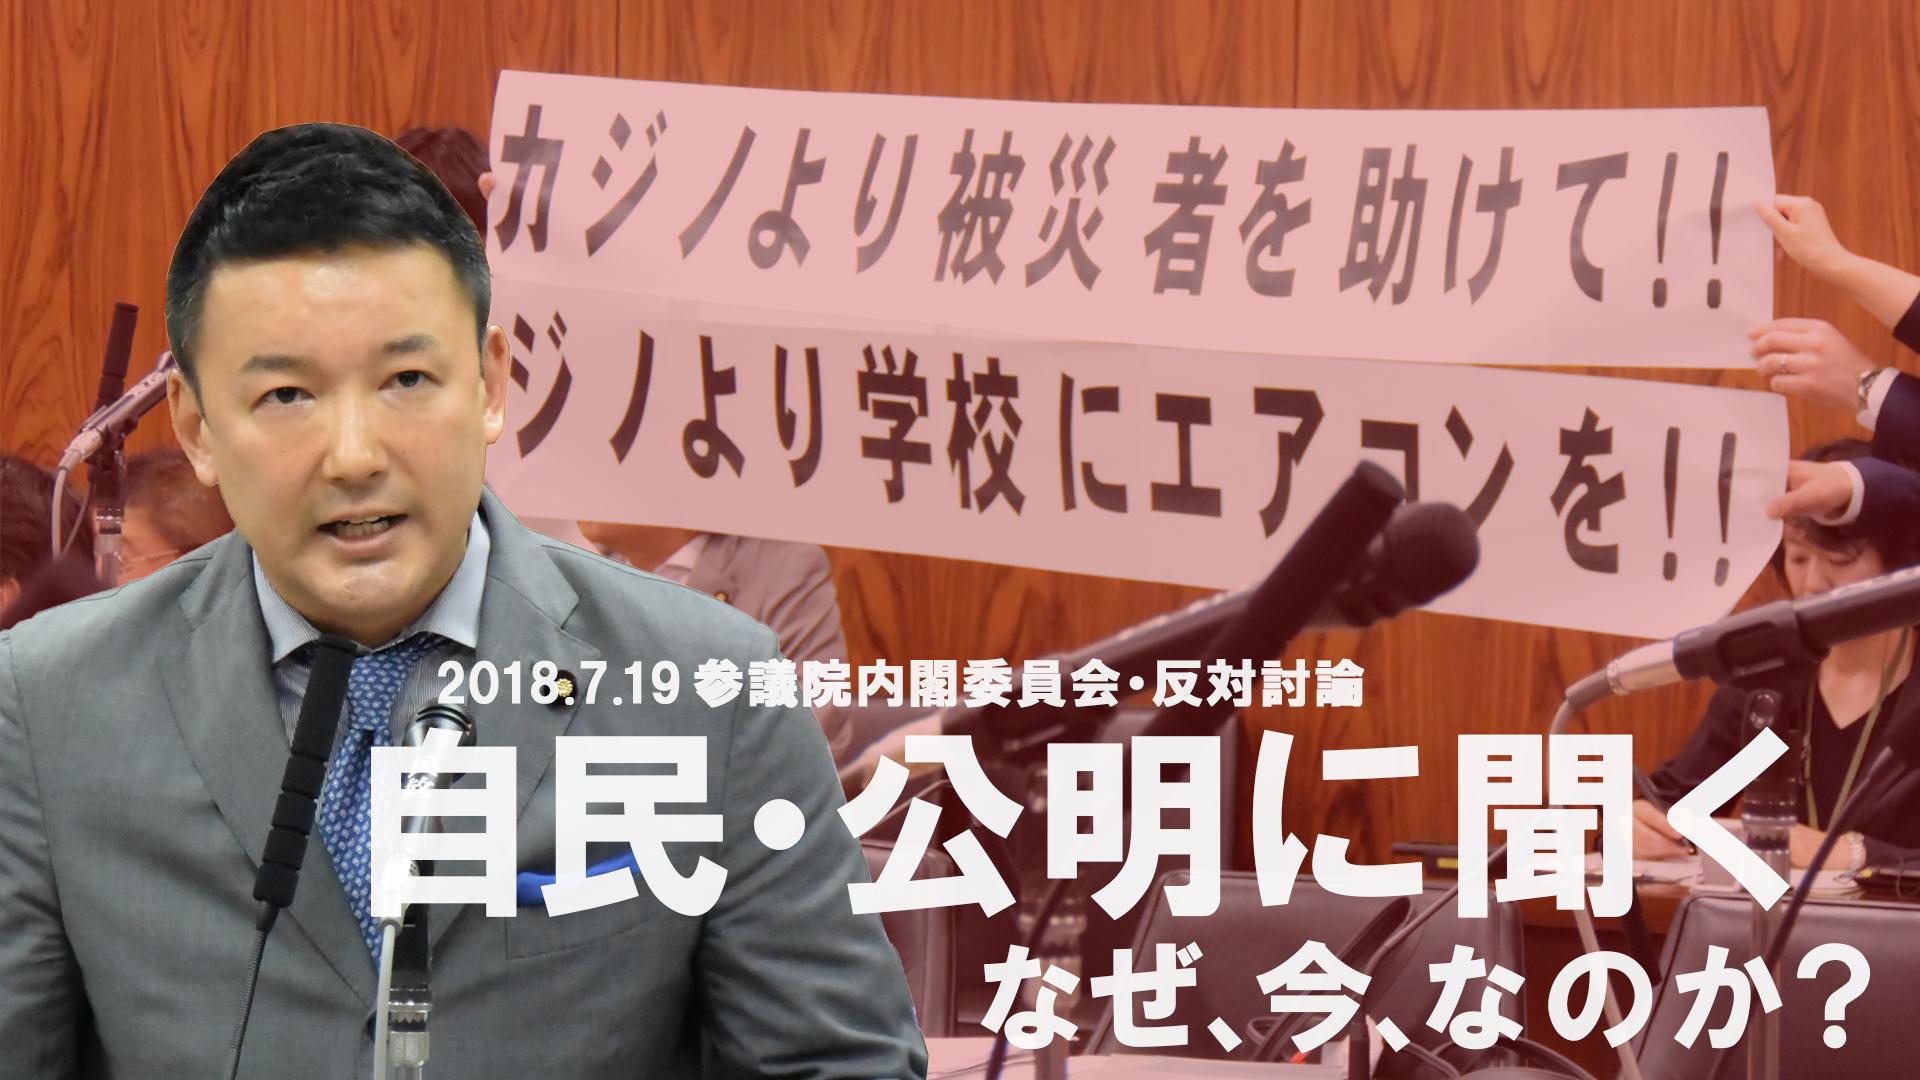 18.7.19内閣反対討論